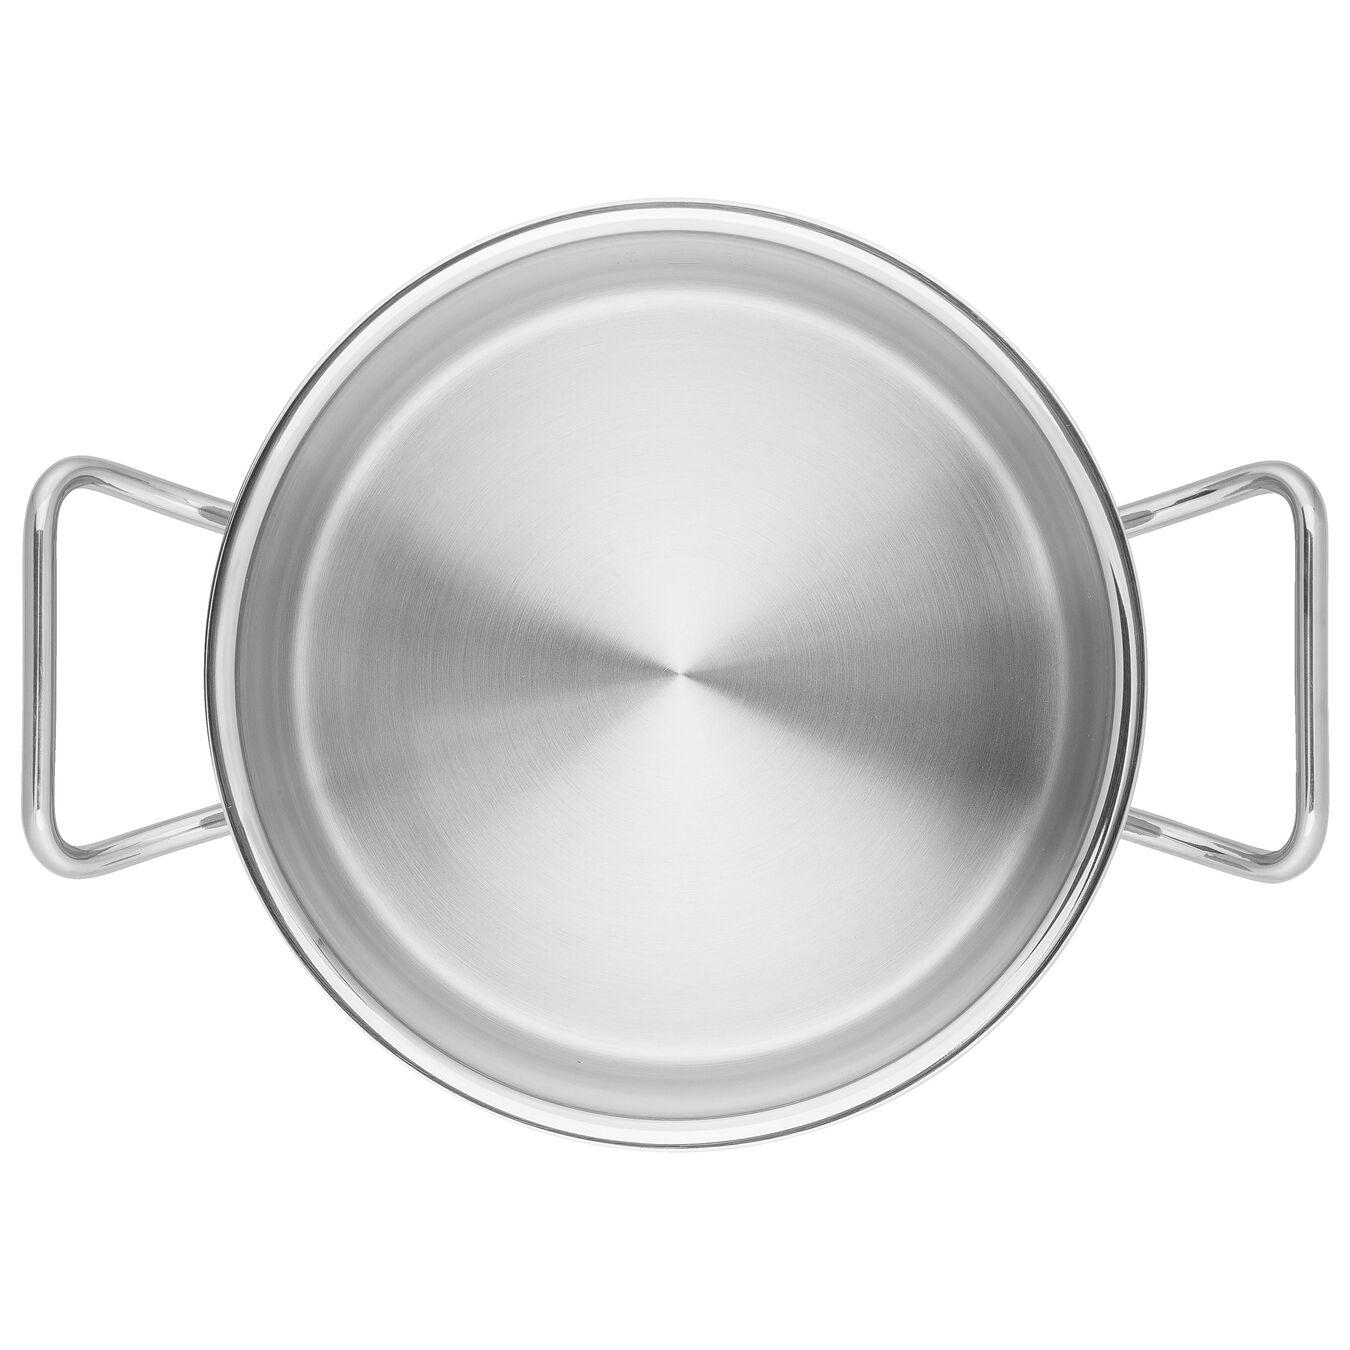 Casseruola - 20 cm, 18/10 acciaio inossidabile,,large 6